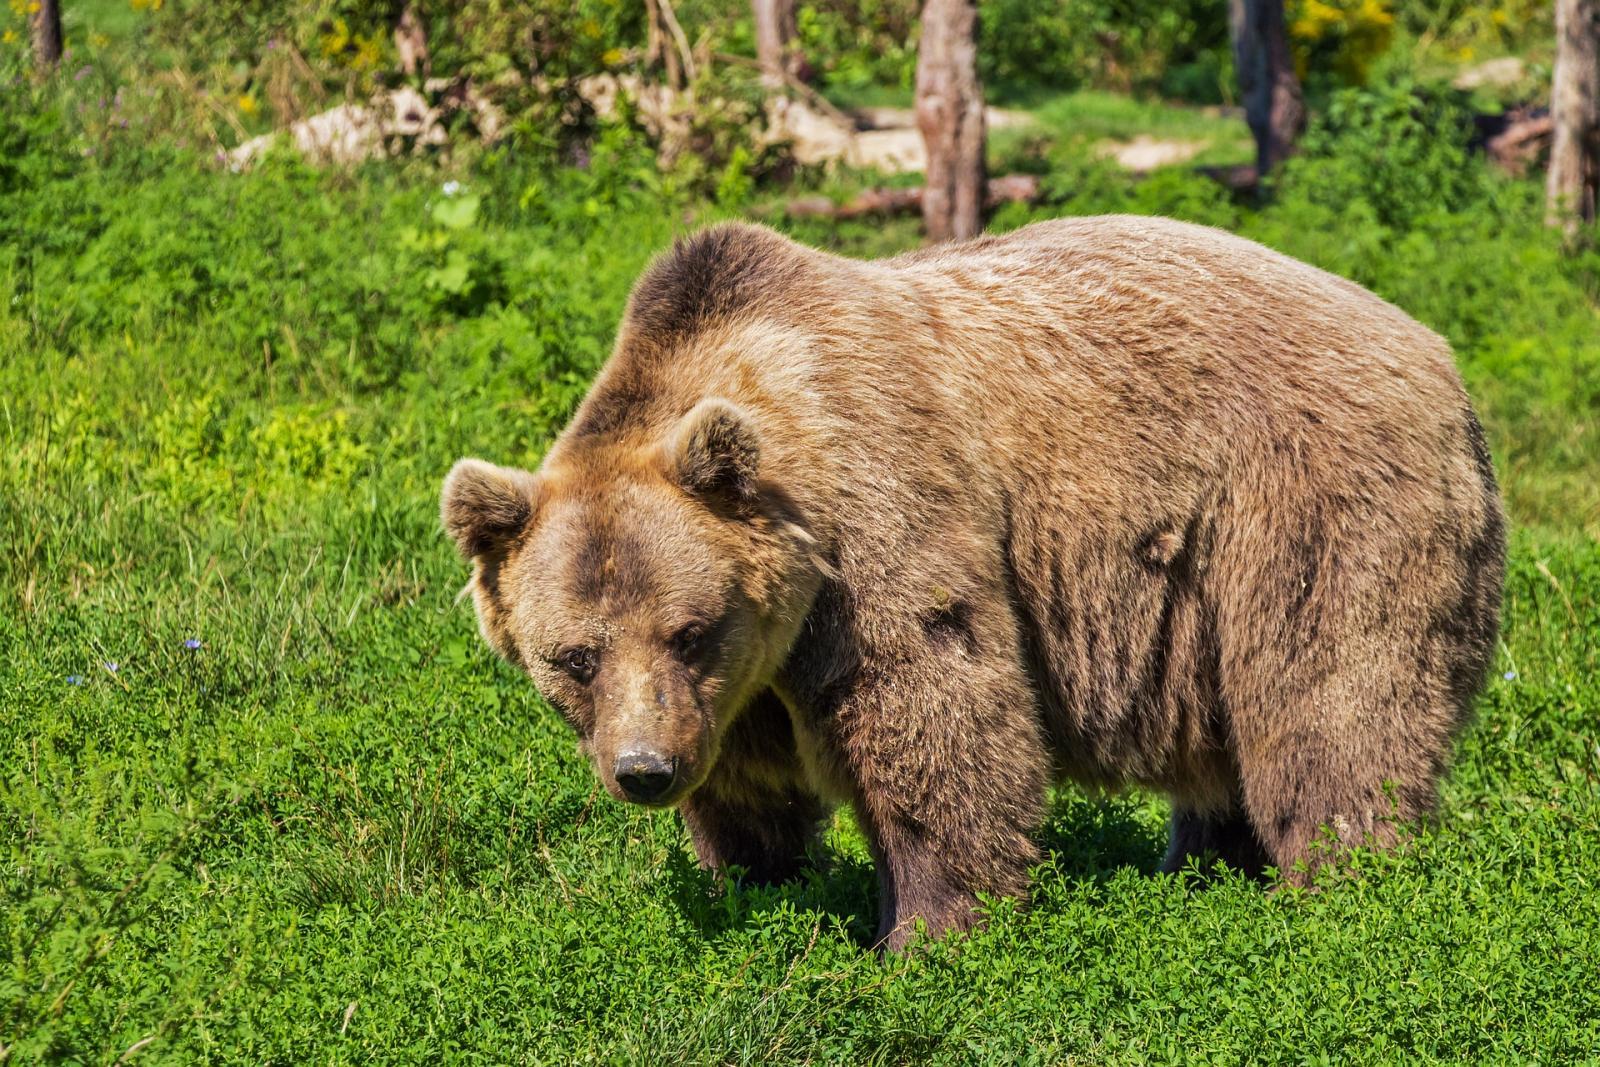 Bears in Switzerland